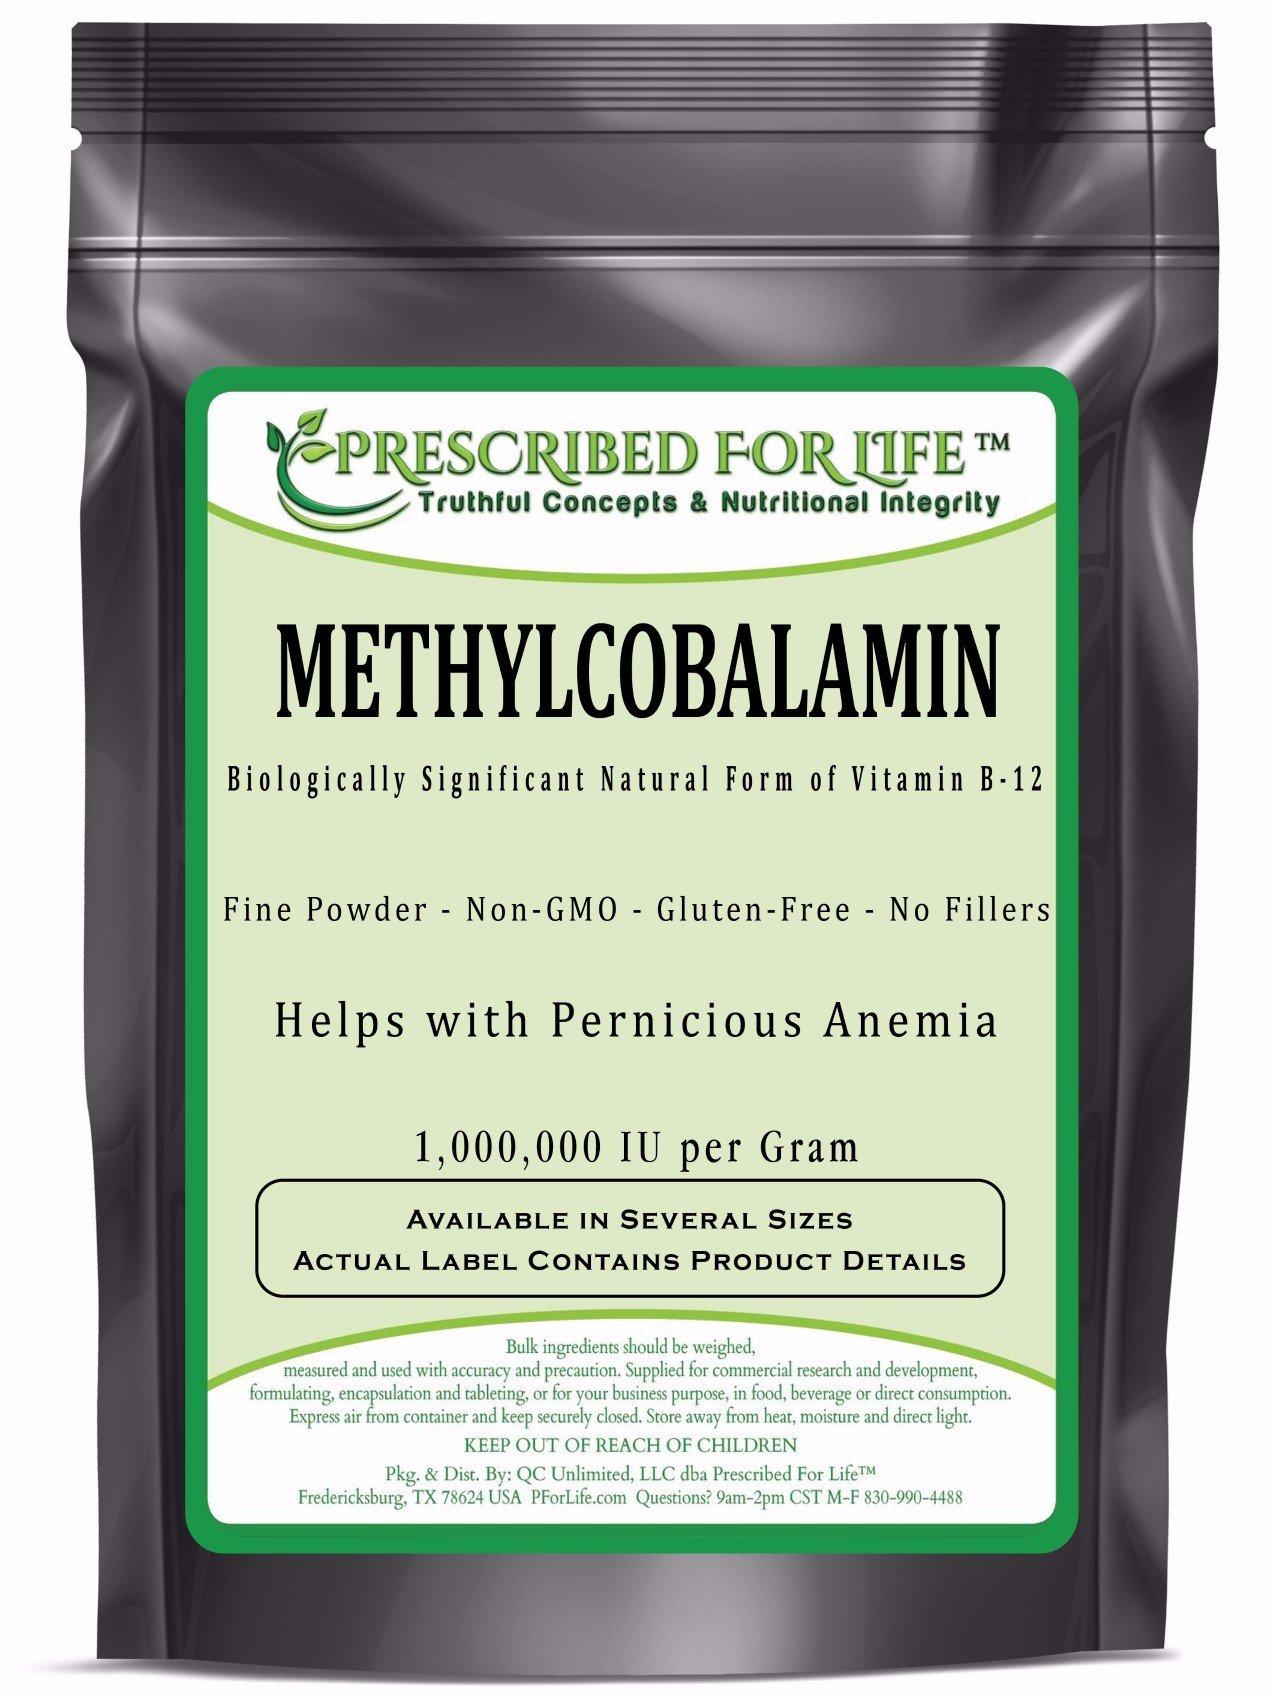 MethylCobalamin - Natural Vitamin B-12 Pure Powder (1,000,000 IU per Gram), 1 oz